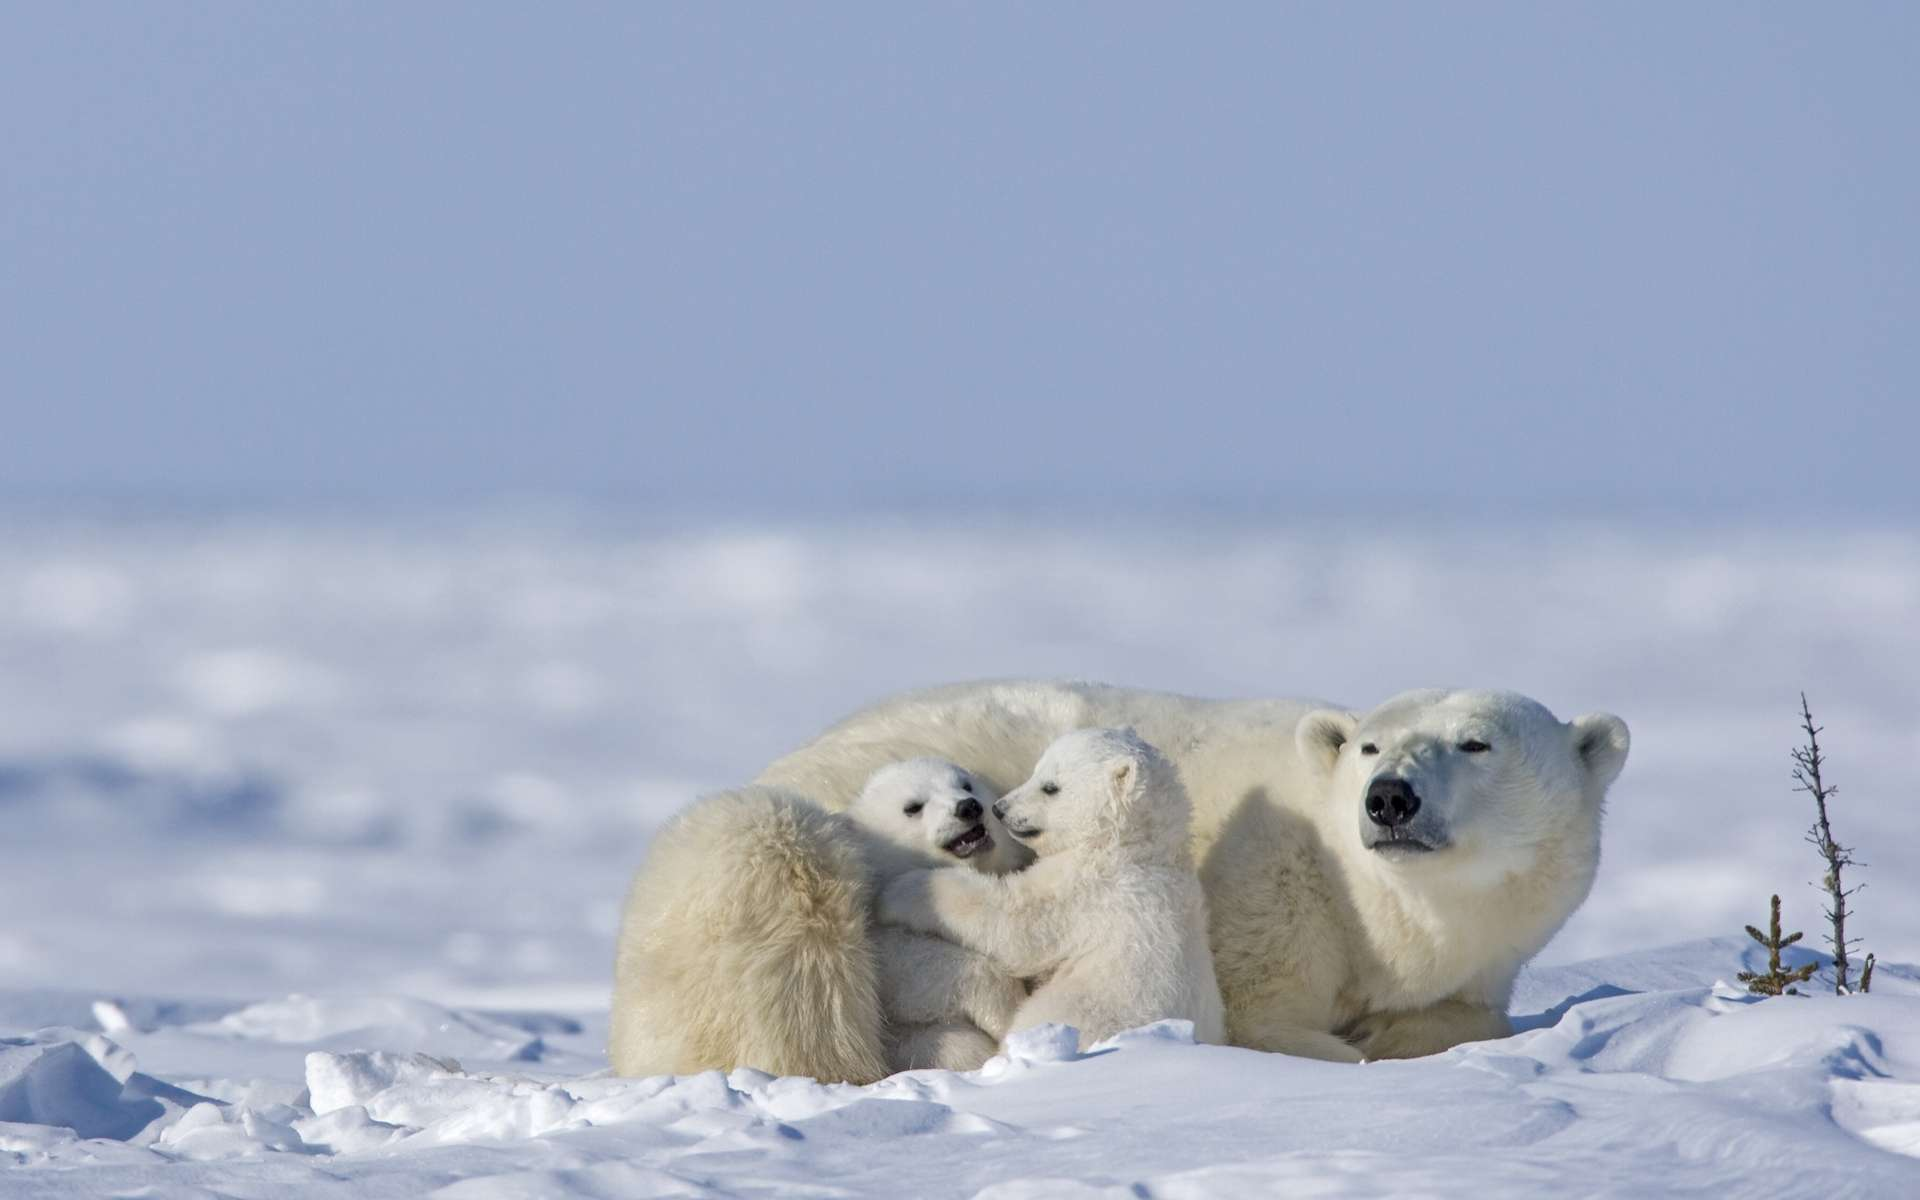 Le manque de nourriture, la perte de leur habitat, la présence humaine poussent les ours au cannibalisme, phénomène qui augmente dans l'Arctique russe. © Aussieanouk, Adobe Stock